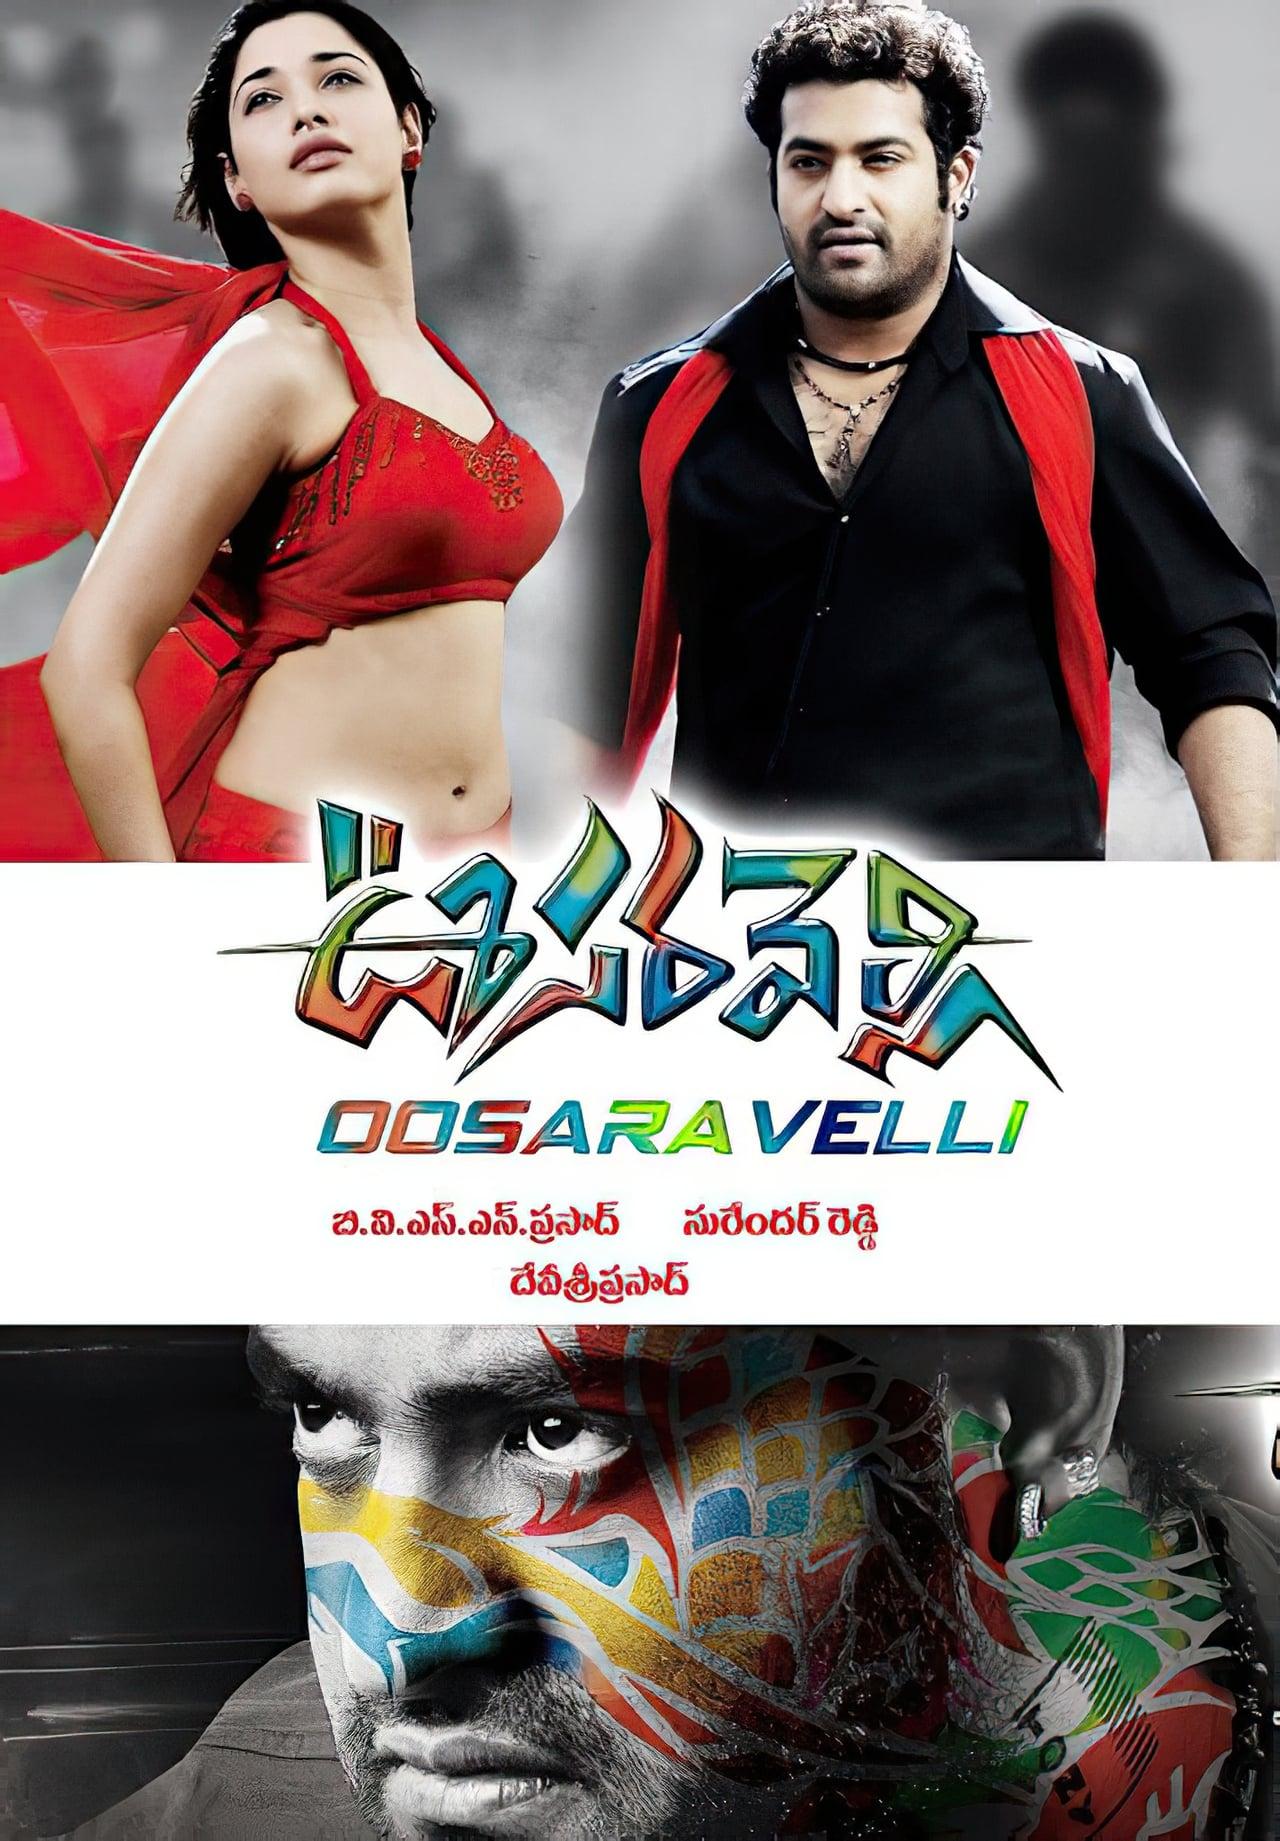 Oosaravelli